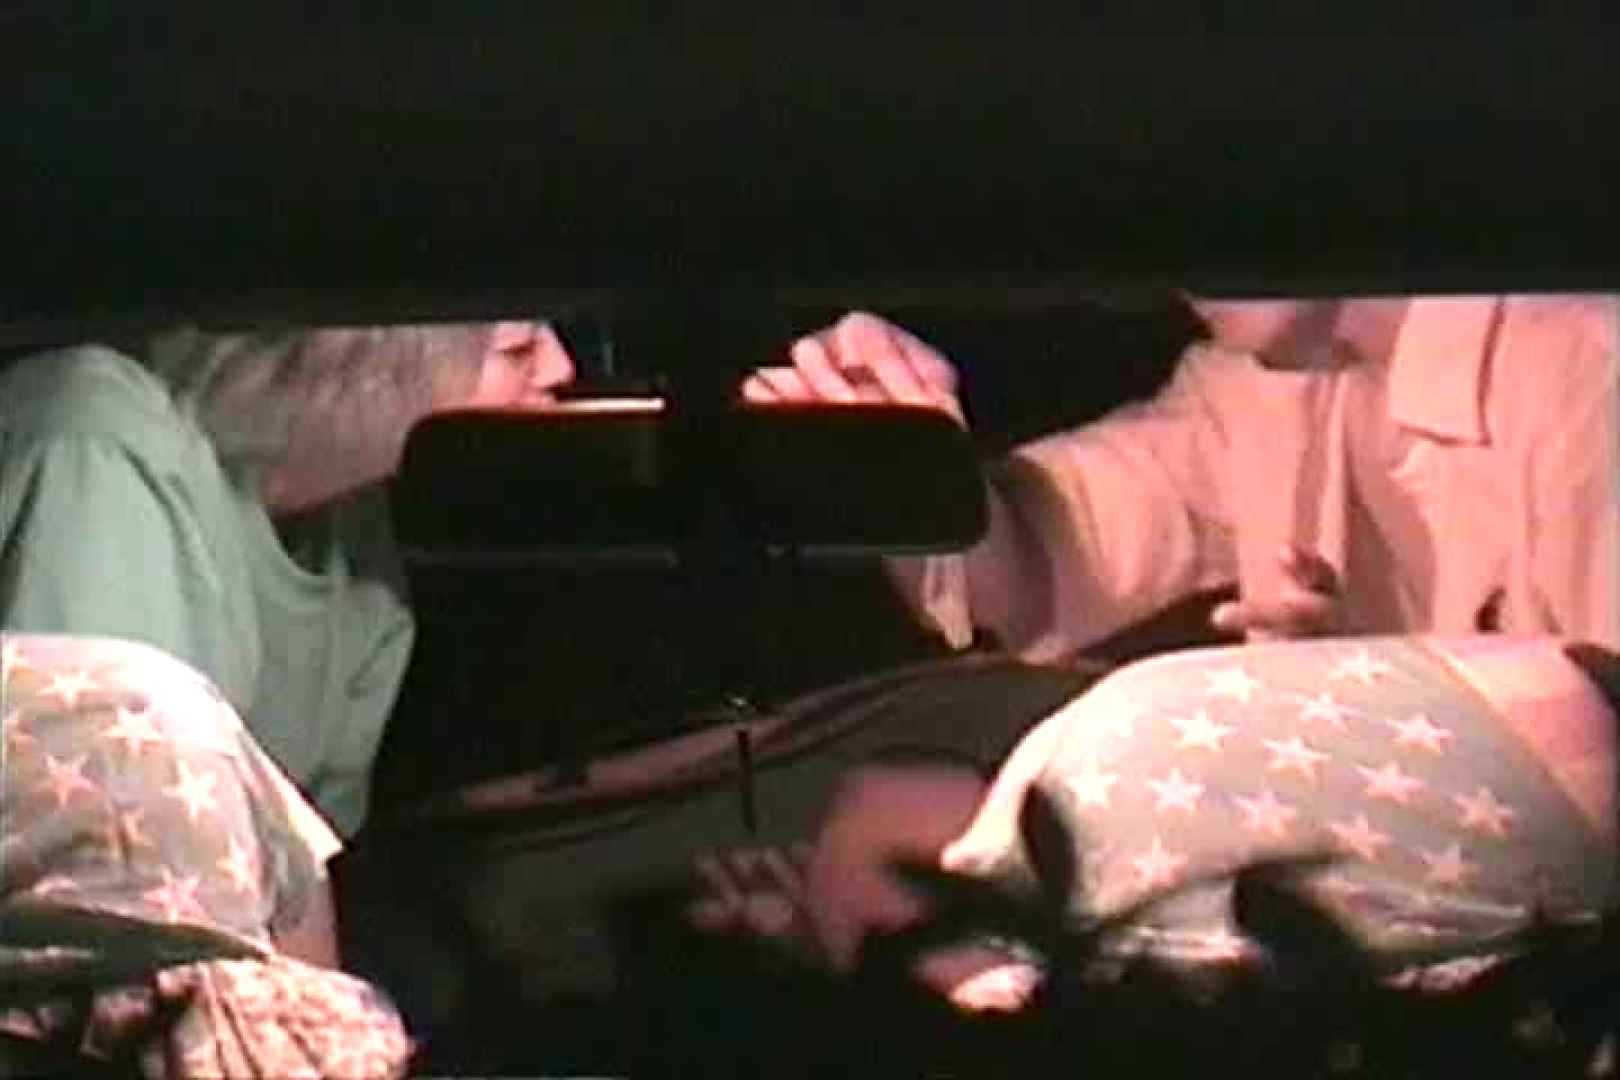 車の中はラブホテル 無修正版  Vol.24 セックス アダルト動画キャプチャ 78pic 5